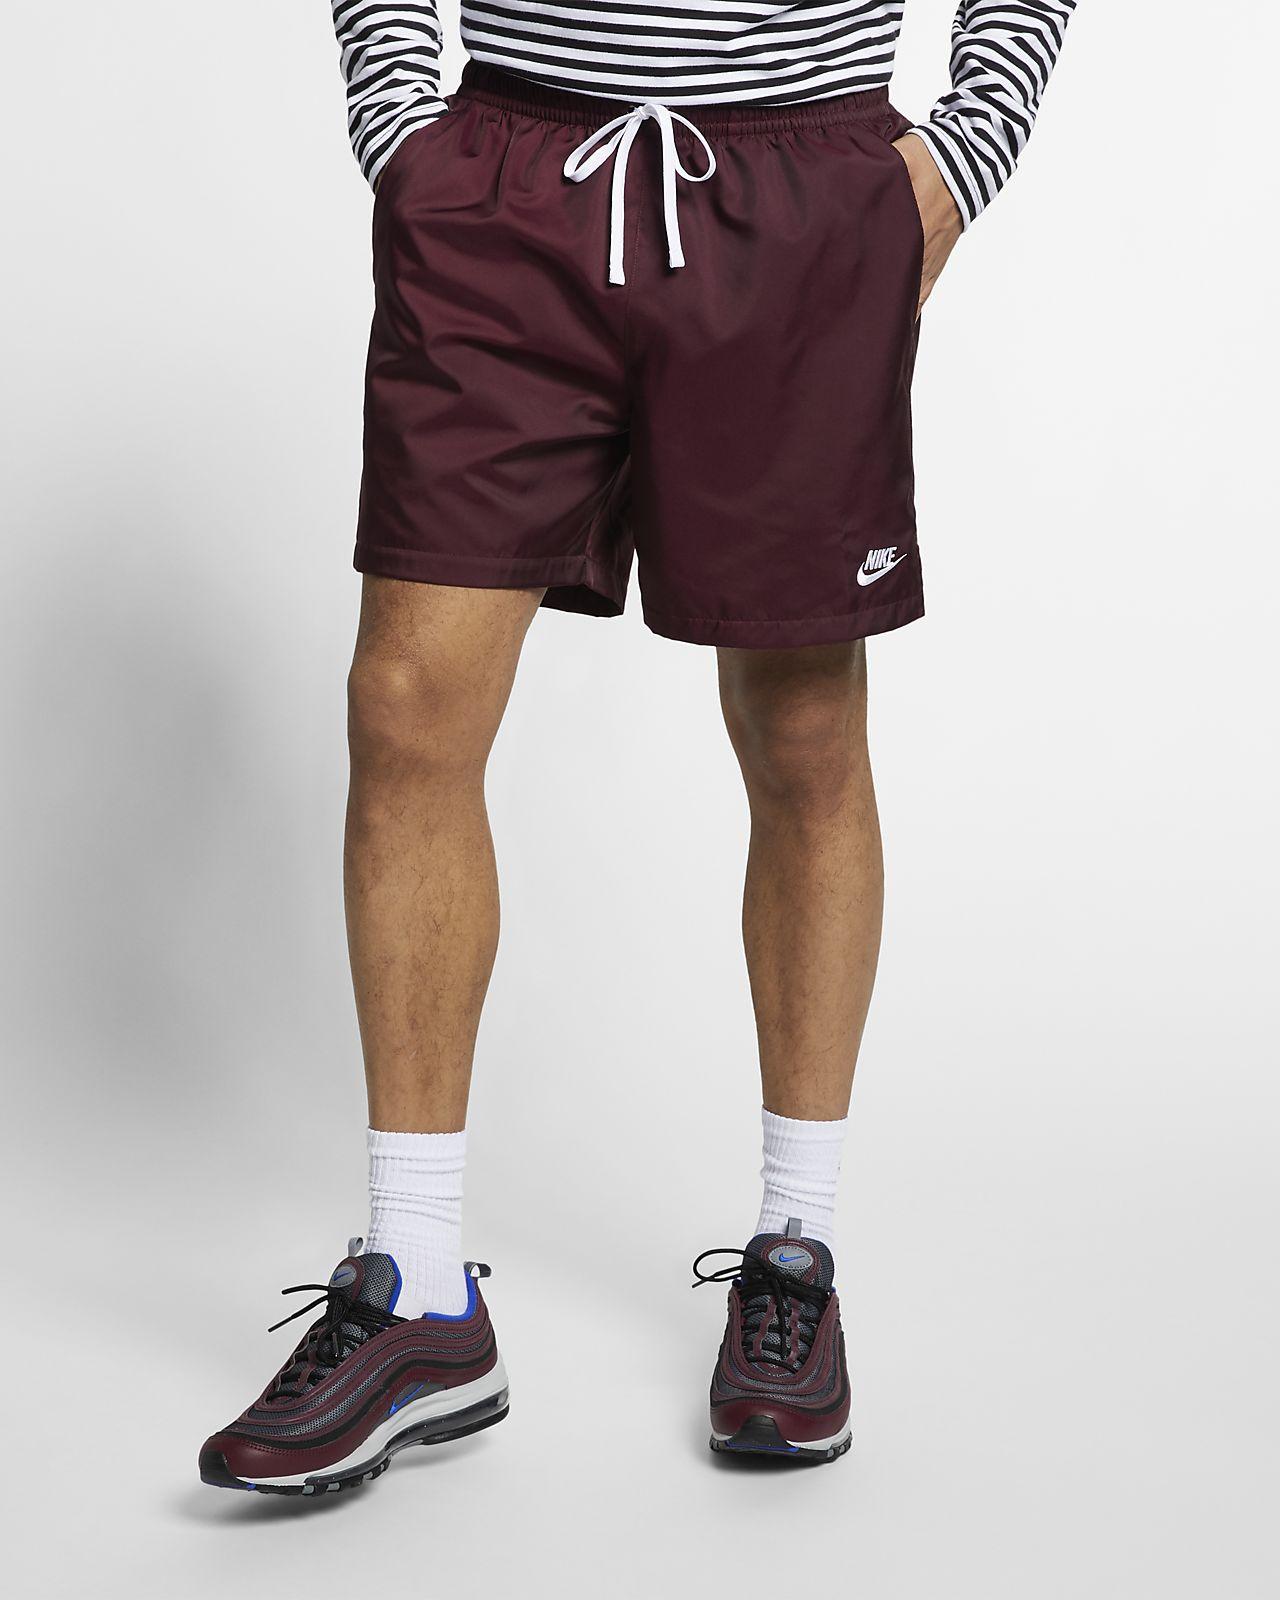 S Short Nike Nike S Sportswear Sportswear Short lKFuc3T1J